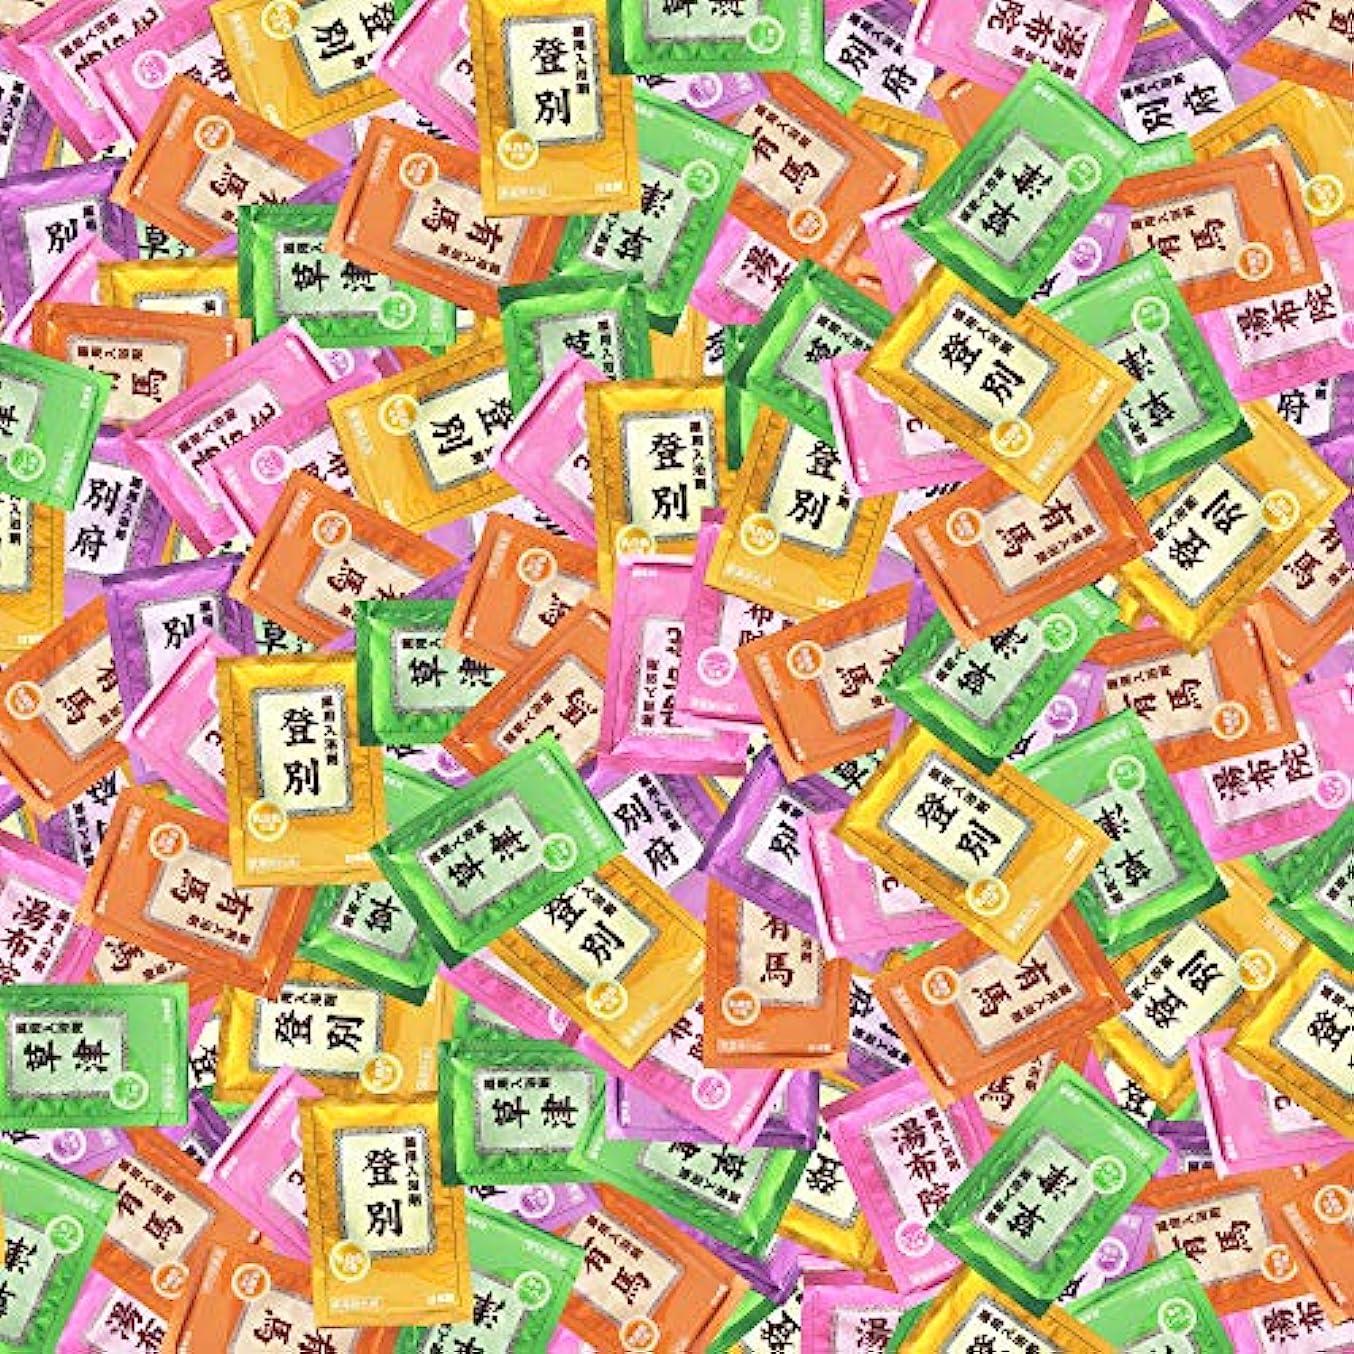 メキシコ国きらめく入浴剤 ギフト プレゼント 湯宿めぐり 5種類 400袋)セット